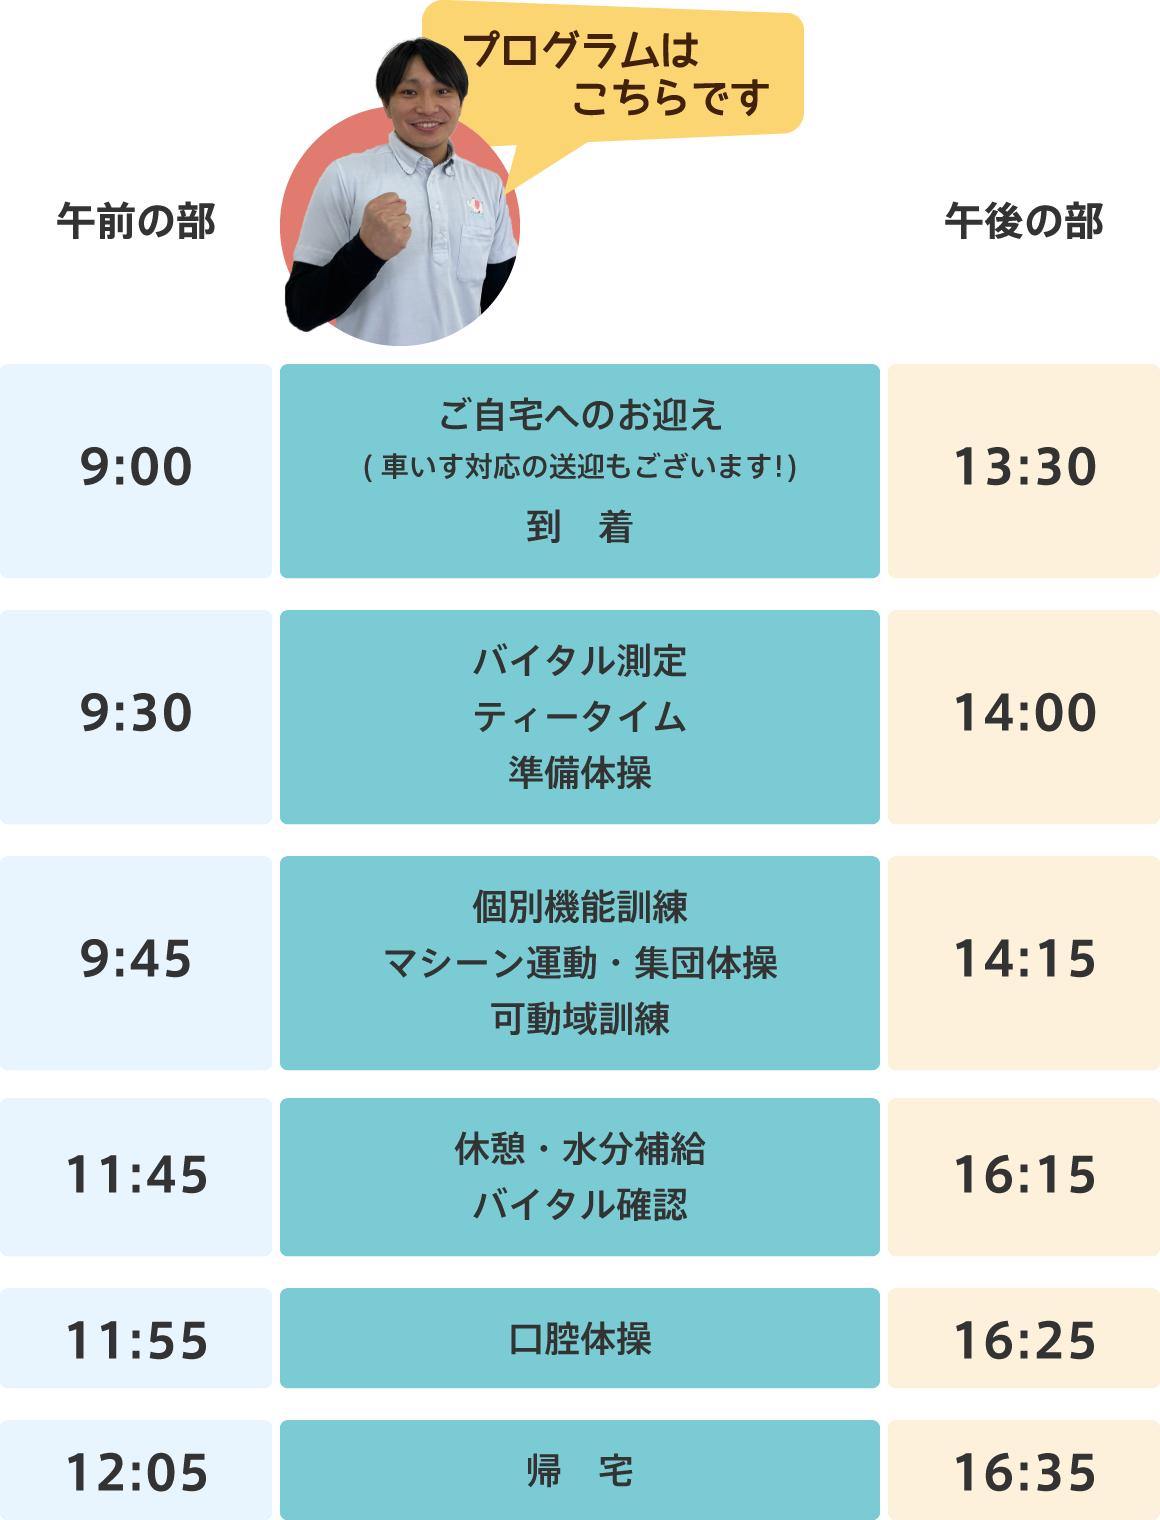 プログラム 9:00(午前の部)13:30(午後の部)ご自宅へお迎え・到着、9:30(午前の部)14:00(午後の部) バイラル測定・ティータイム・準備体操、9:45(午前の部)14:15(午後の部) 個別機能訓練・マシーン運動・集団体操・可動域訓練、11:45(午前の部)16:15(午後の部) 休憩・水分補給・バイタル確認、11:55(午前の部)16:25(午後の部) 口腔体操、12:05(午前の部)16:35(午後の部) 帰宅